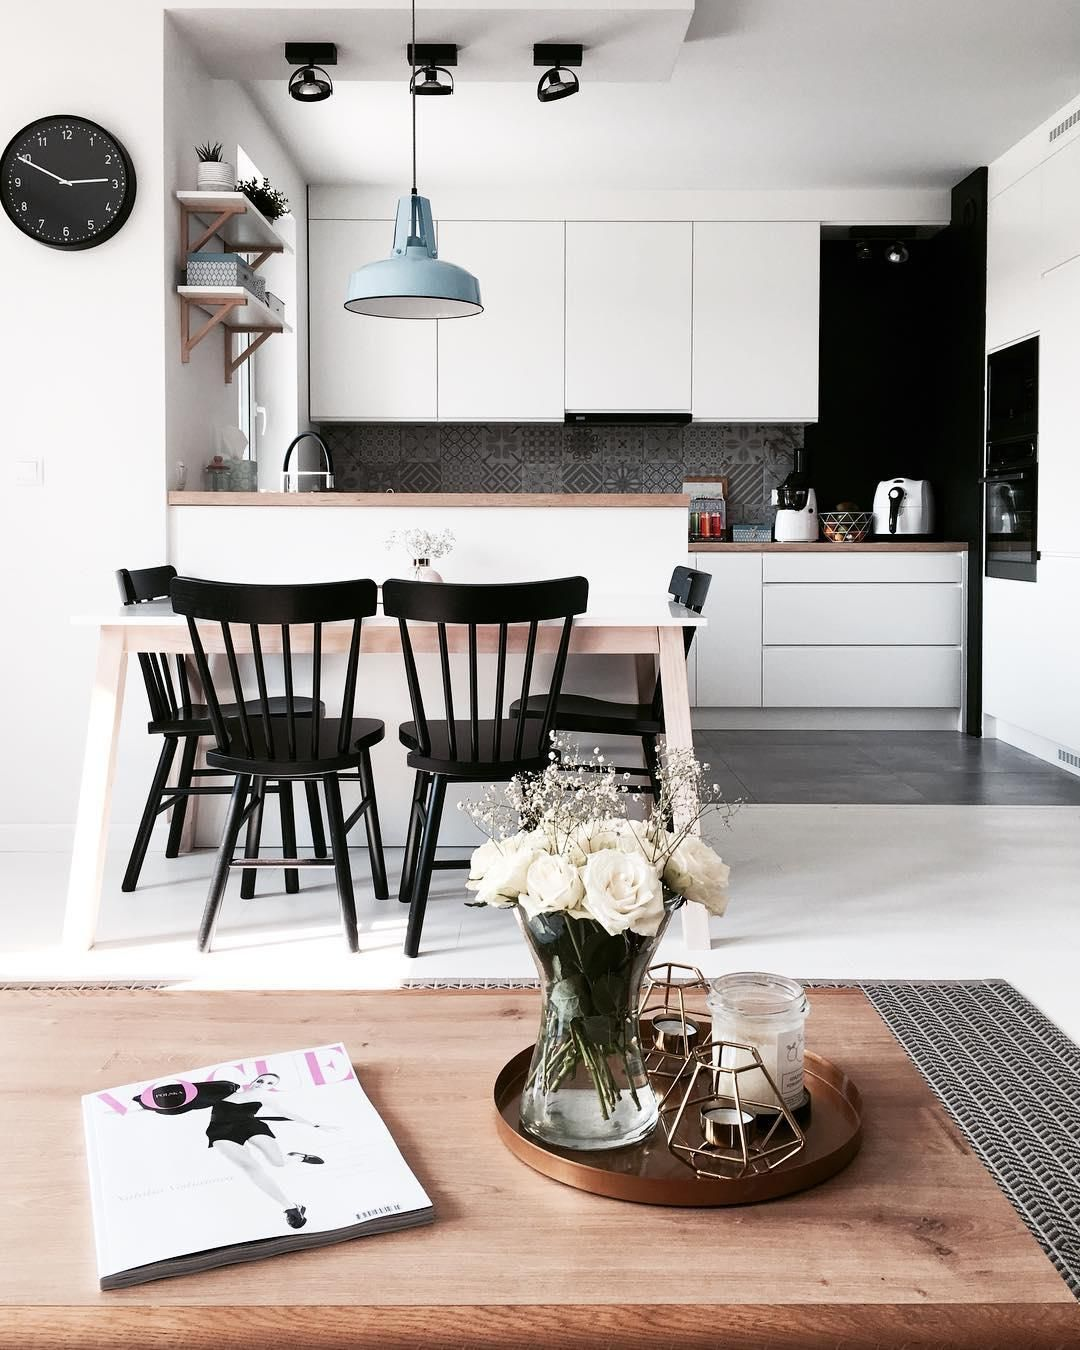 Diese Unverkennbar Nordischen Formen Die Stühle Lotta Von Rowico Wirken Gerade Durch Ihre Schlichtheit Couchtisch Skandinavisch Küchen Design Haus Küchen